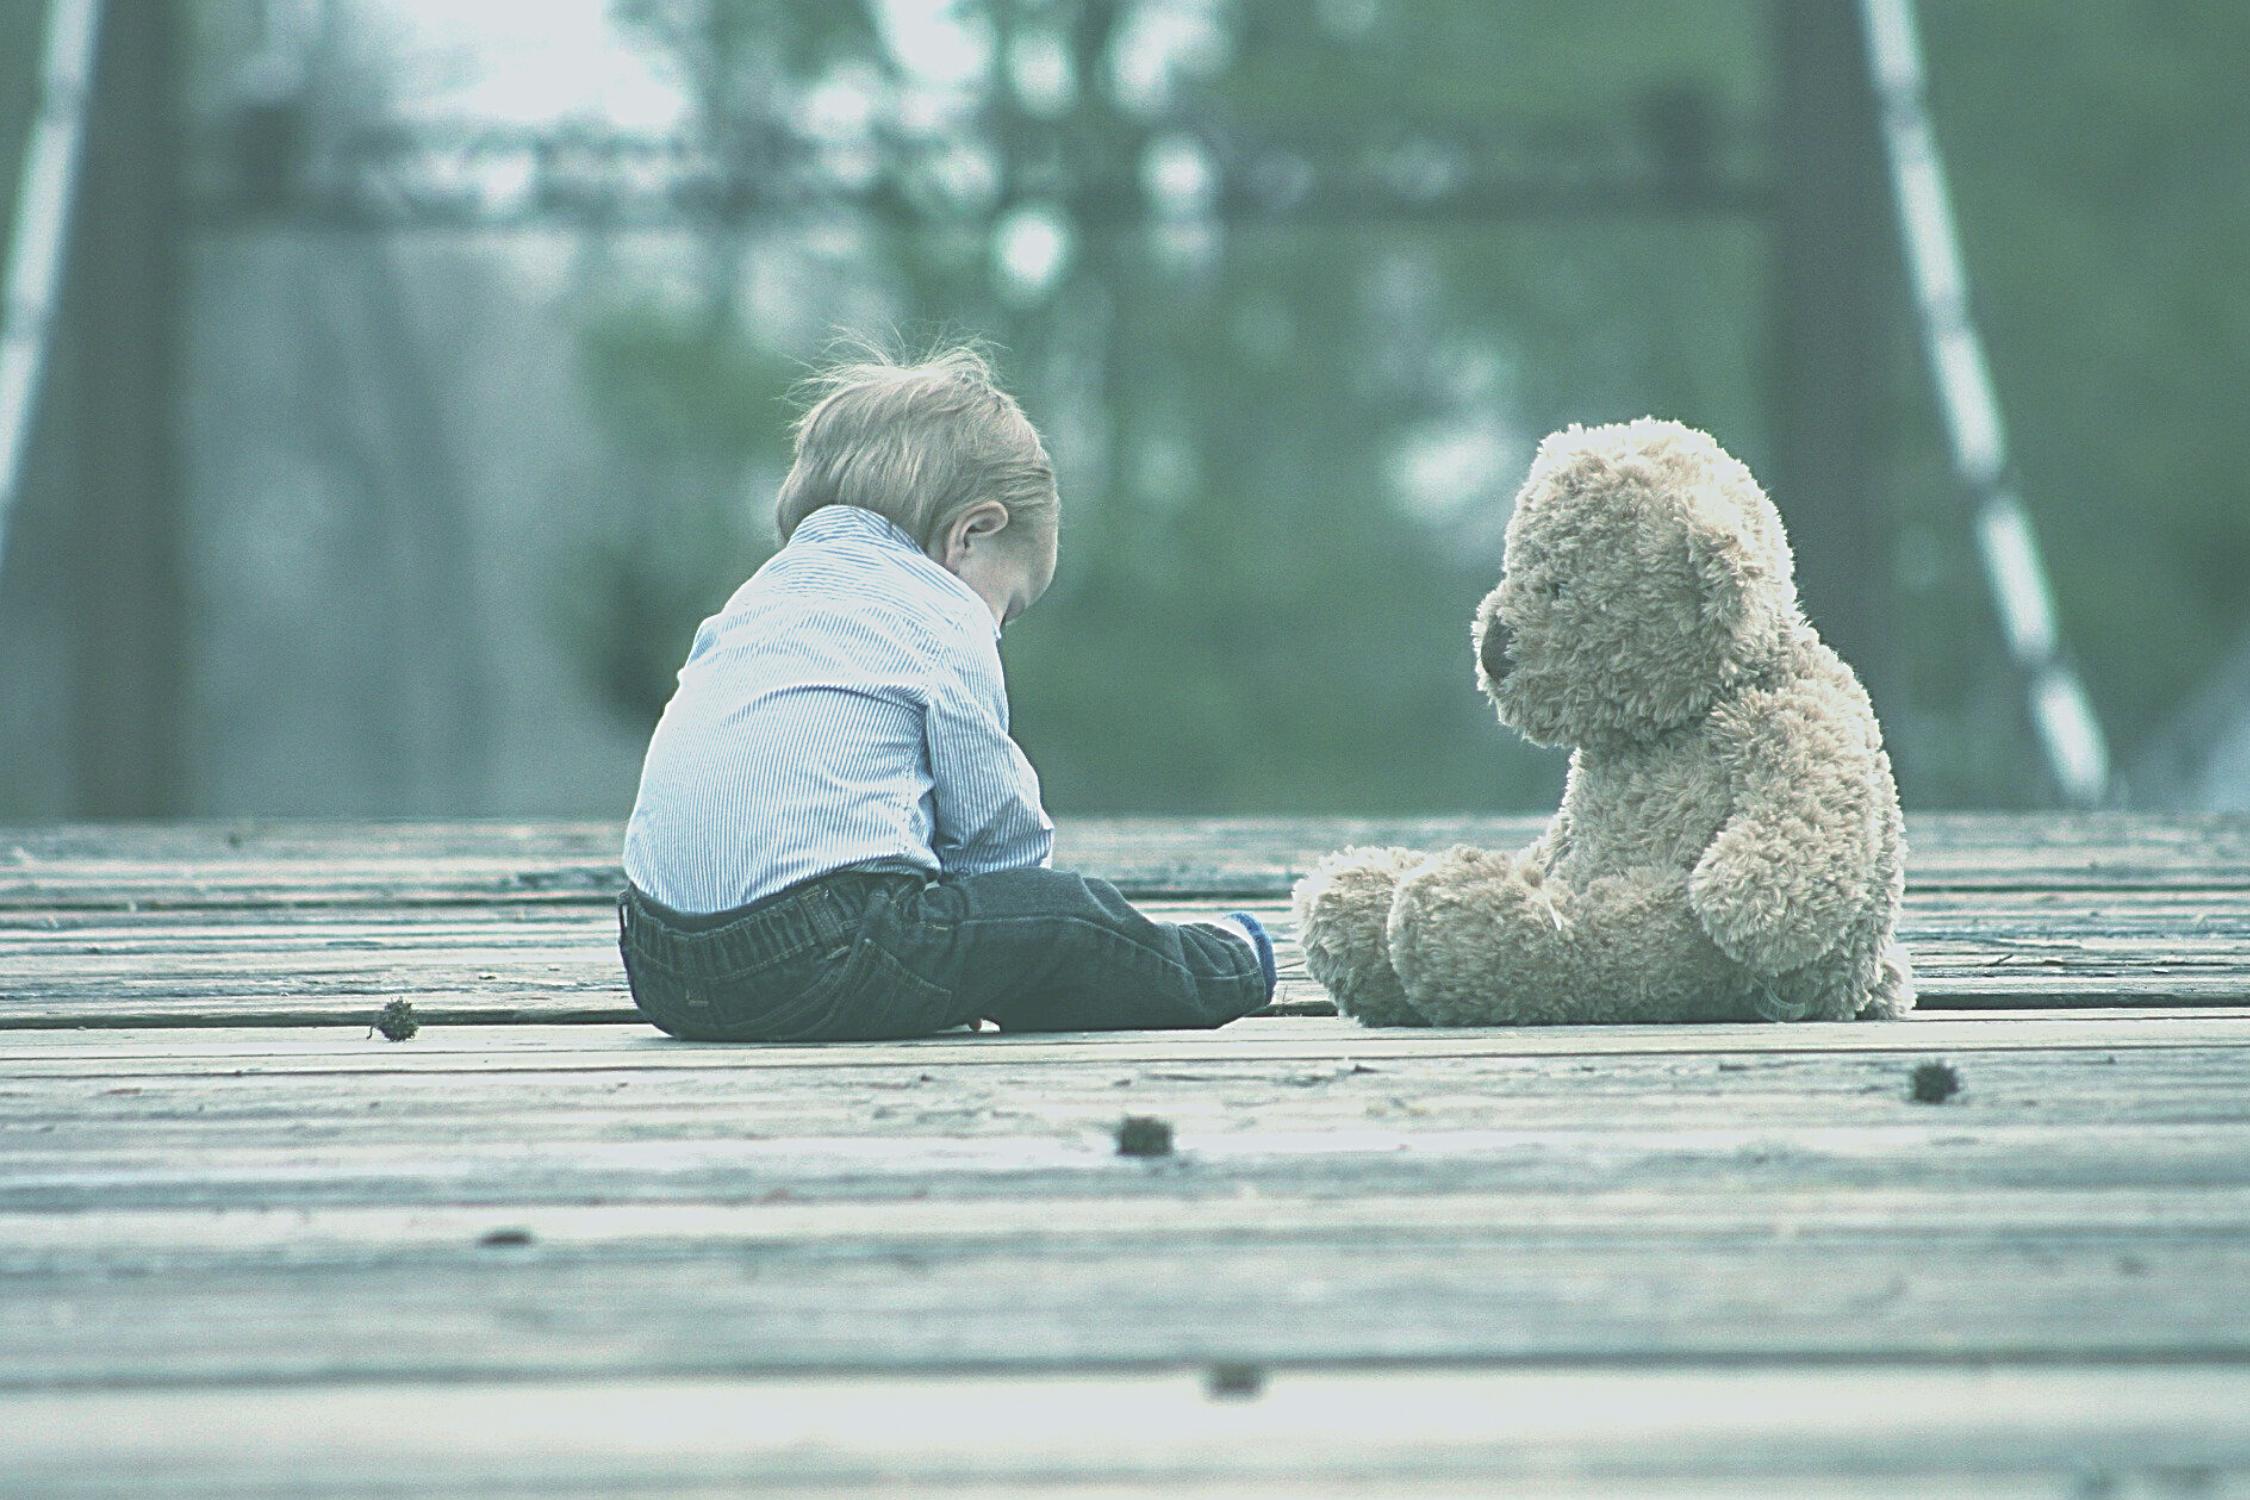 que es autismo, autismo, TEA, trastorno espectro autista, niños autistas, personas autistas, diagnostico TEA